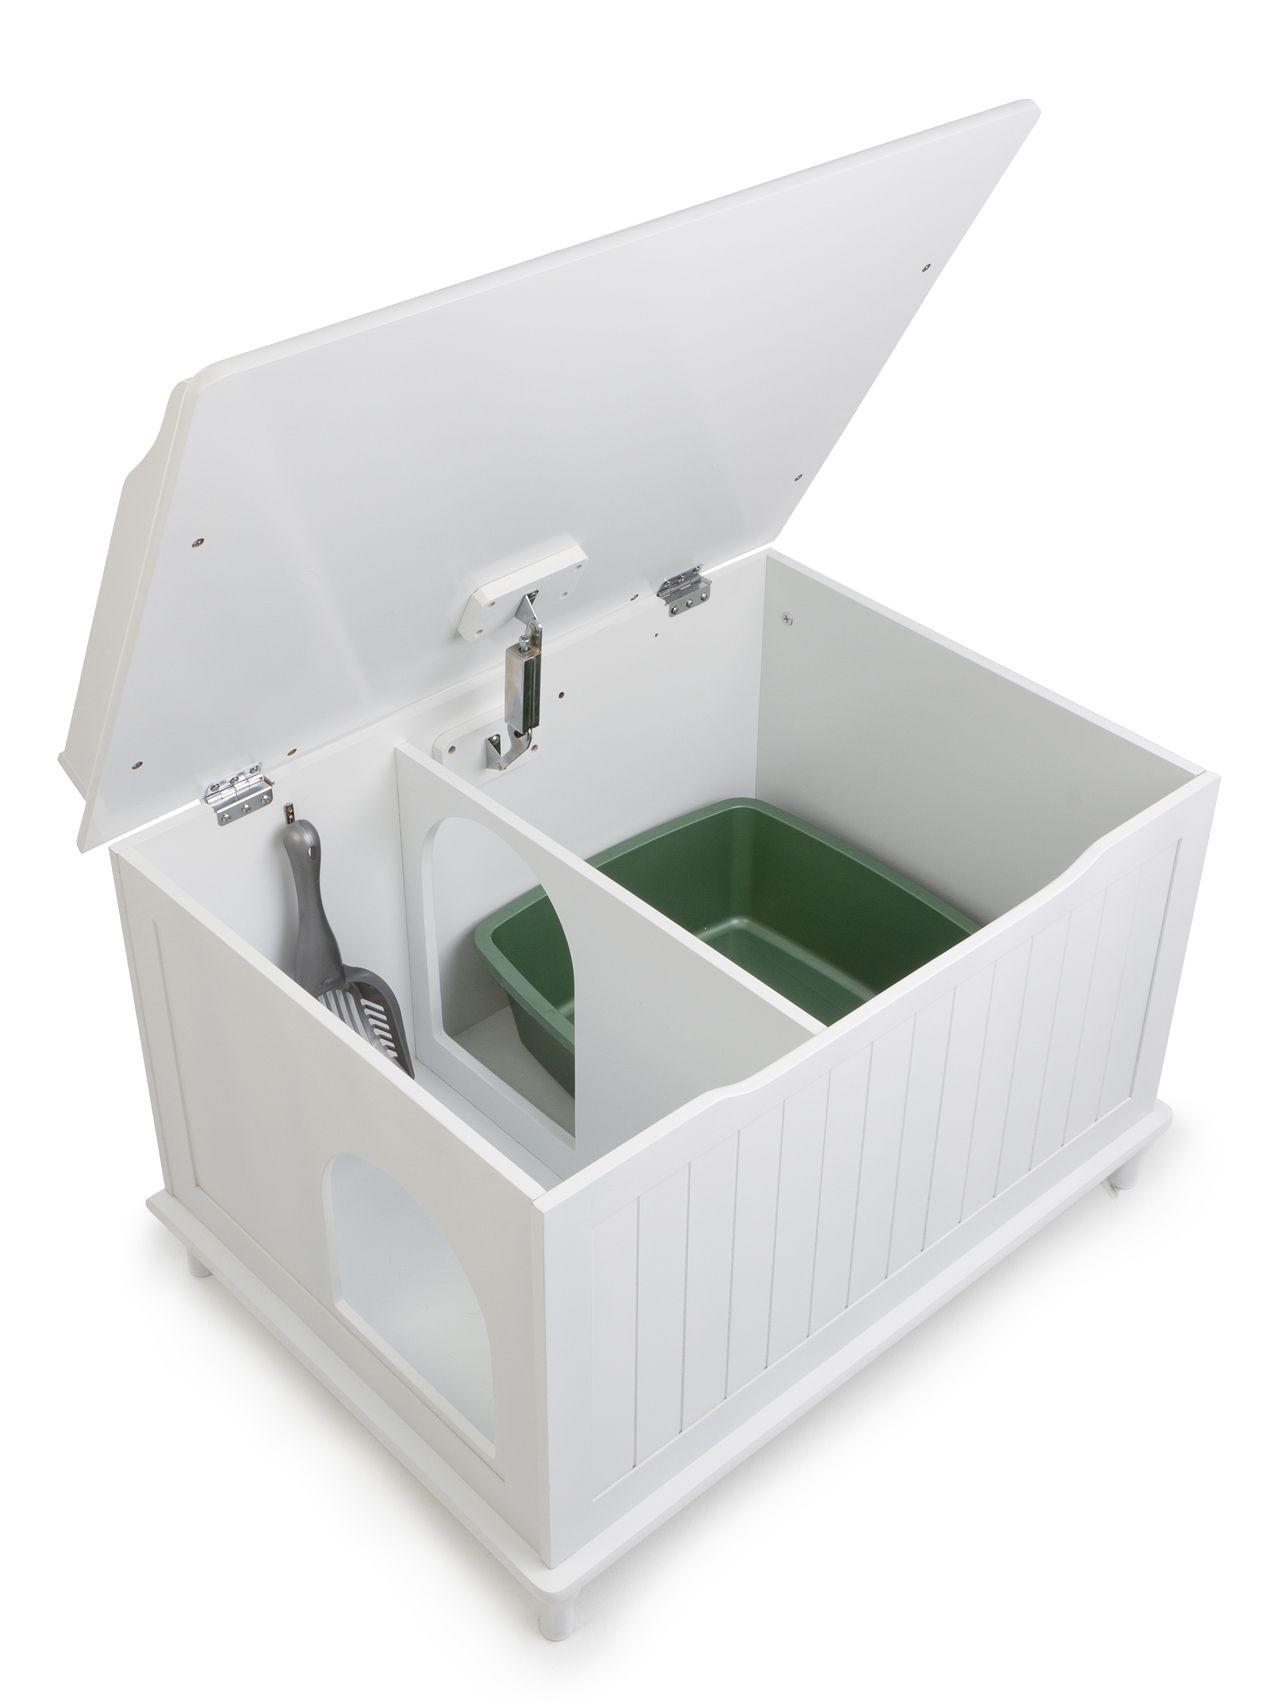 Litter Box Hider Cat Chest White Wood Clean Wooden Hidden Furniture  Washroom NEW